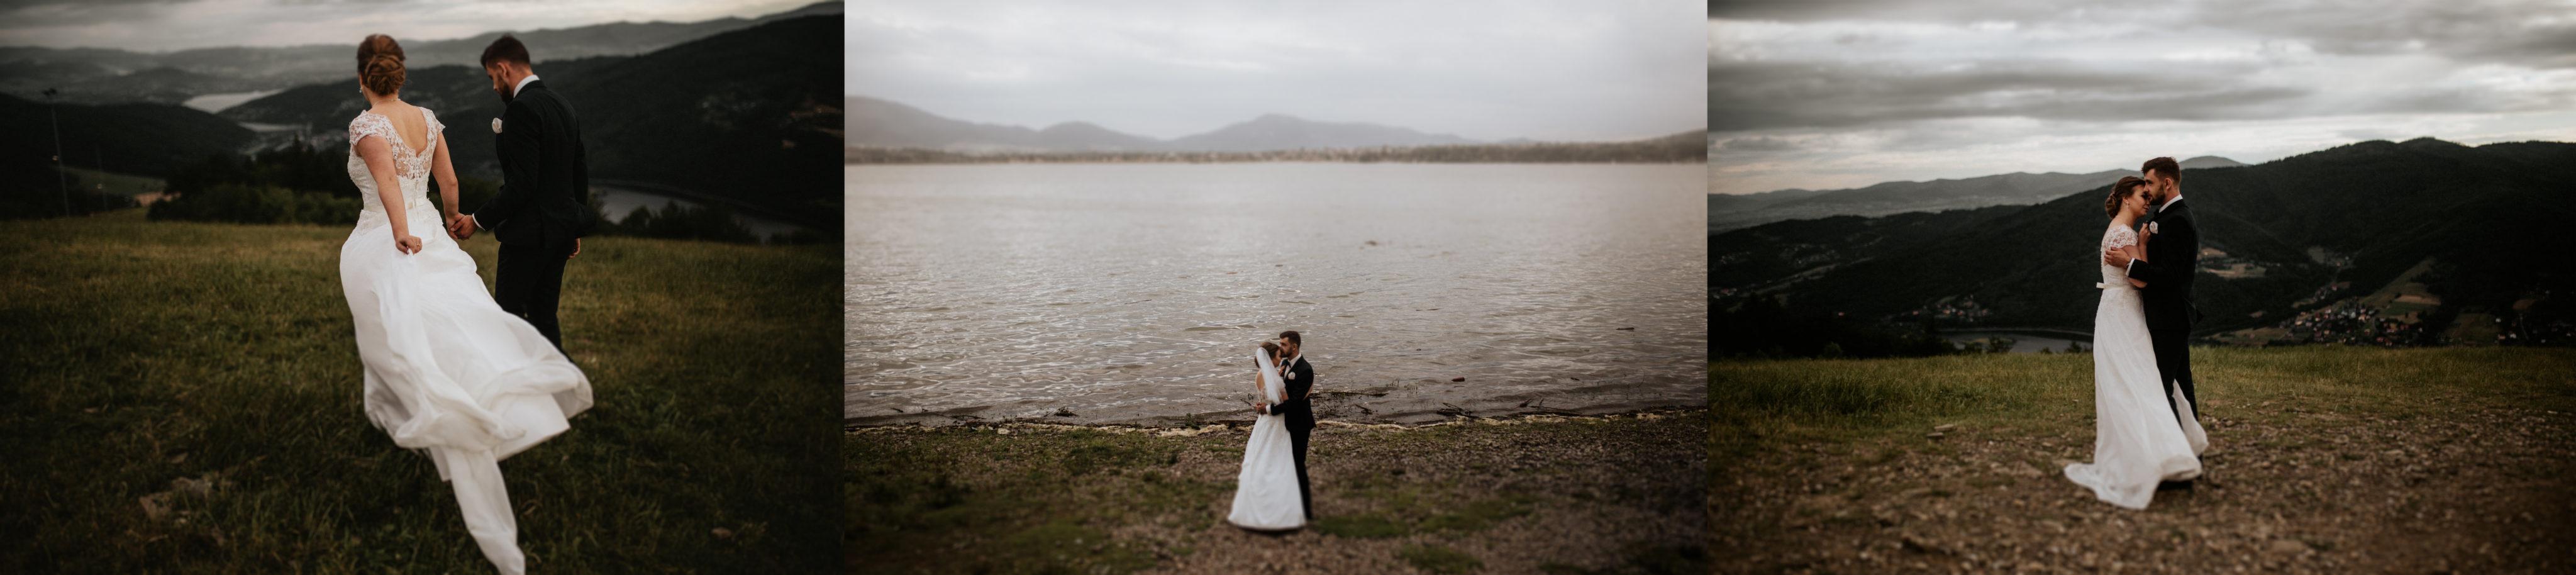 miejsca na plener slubny gora zar jezioro zywieckie